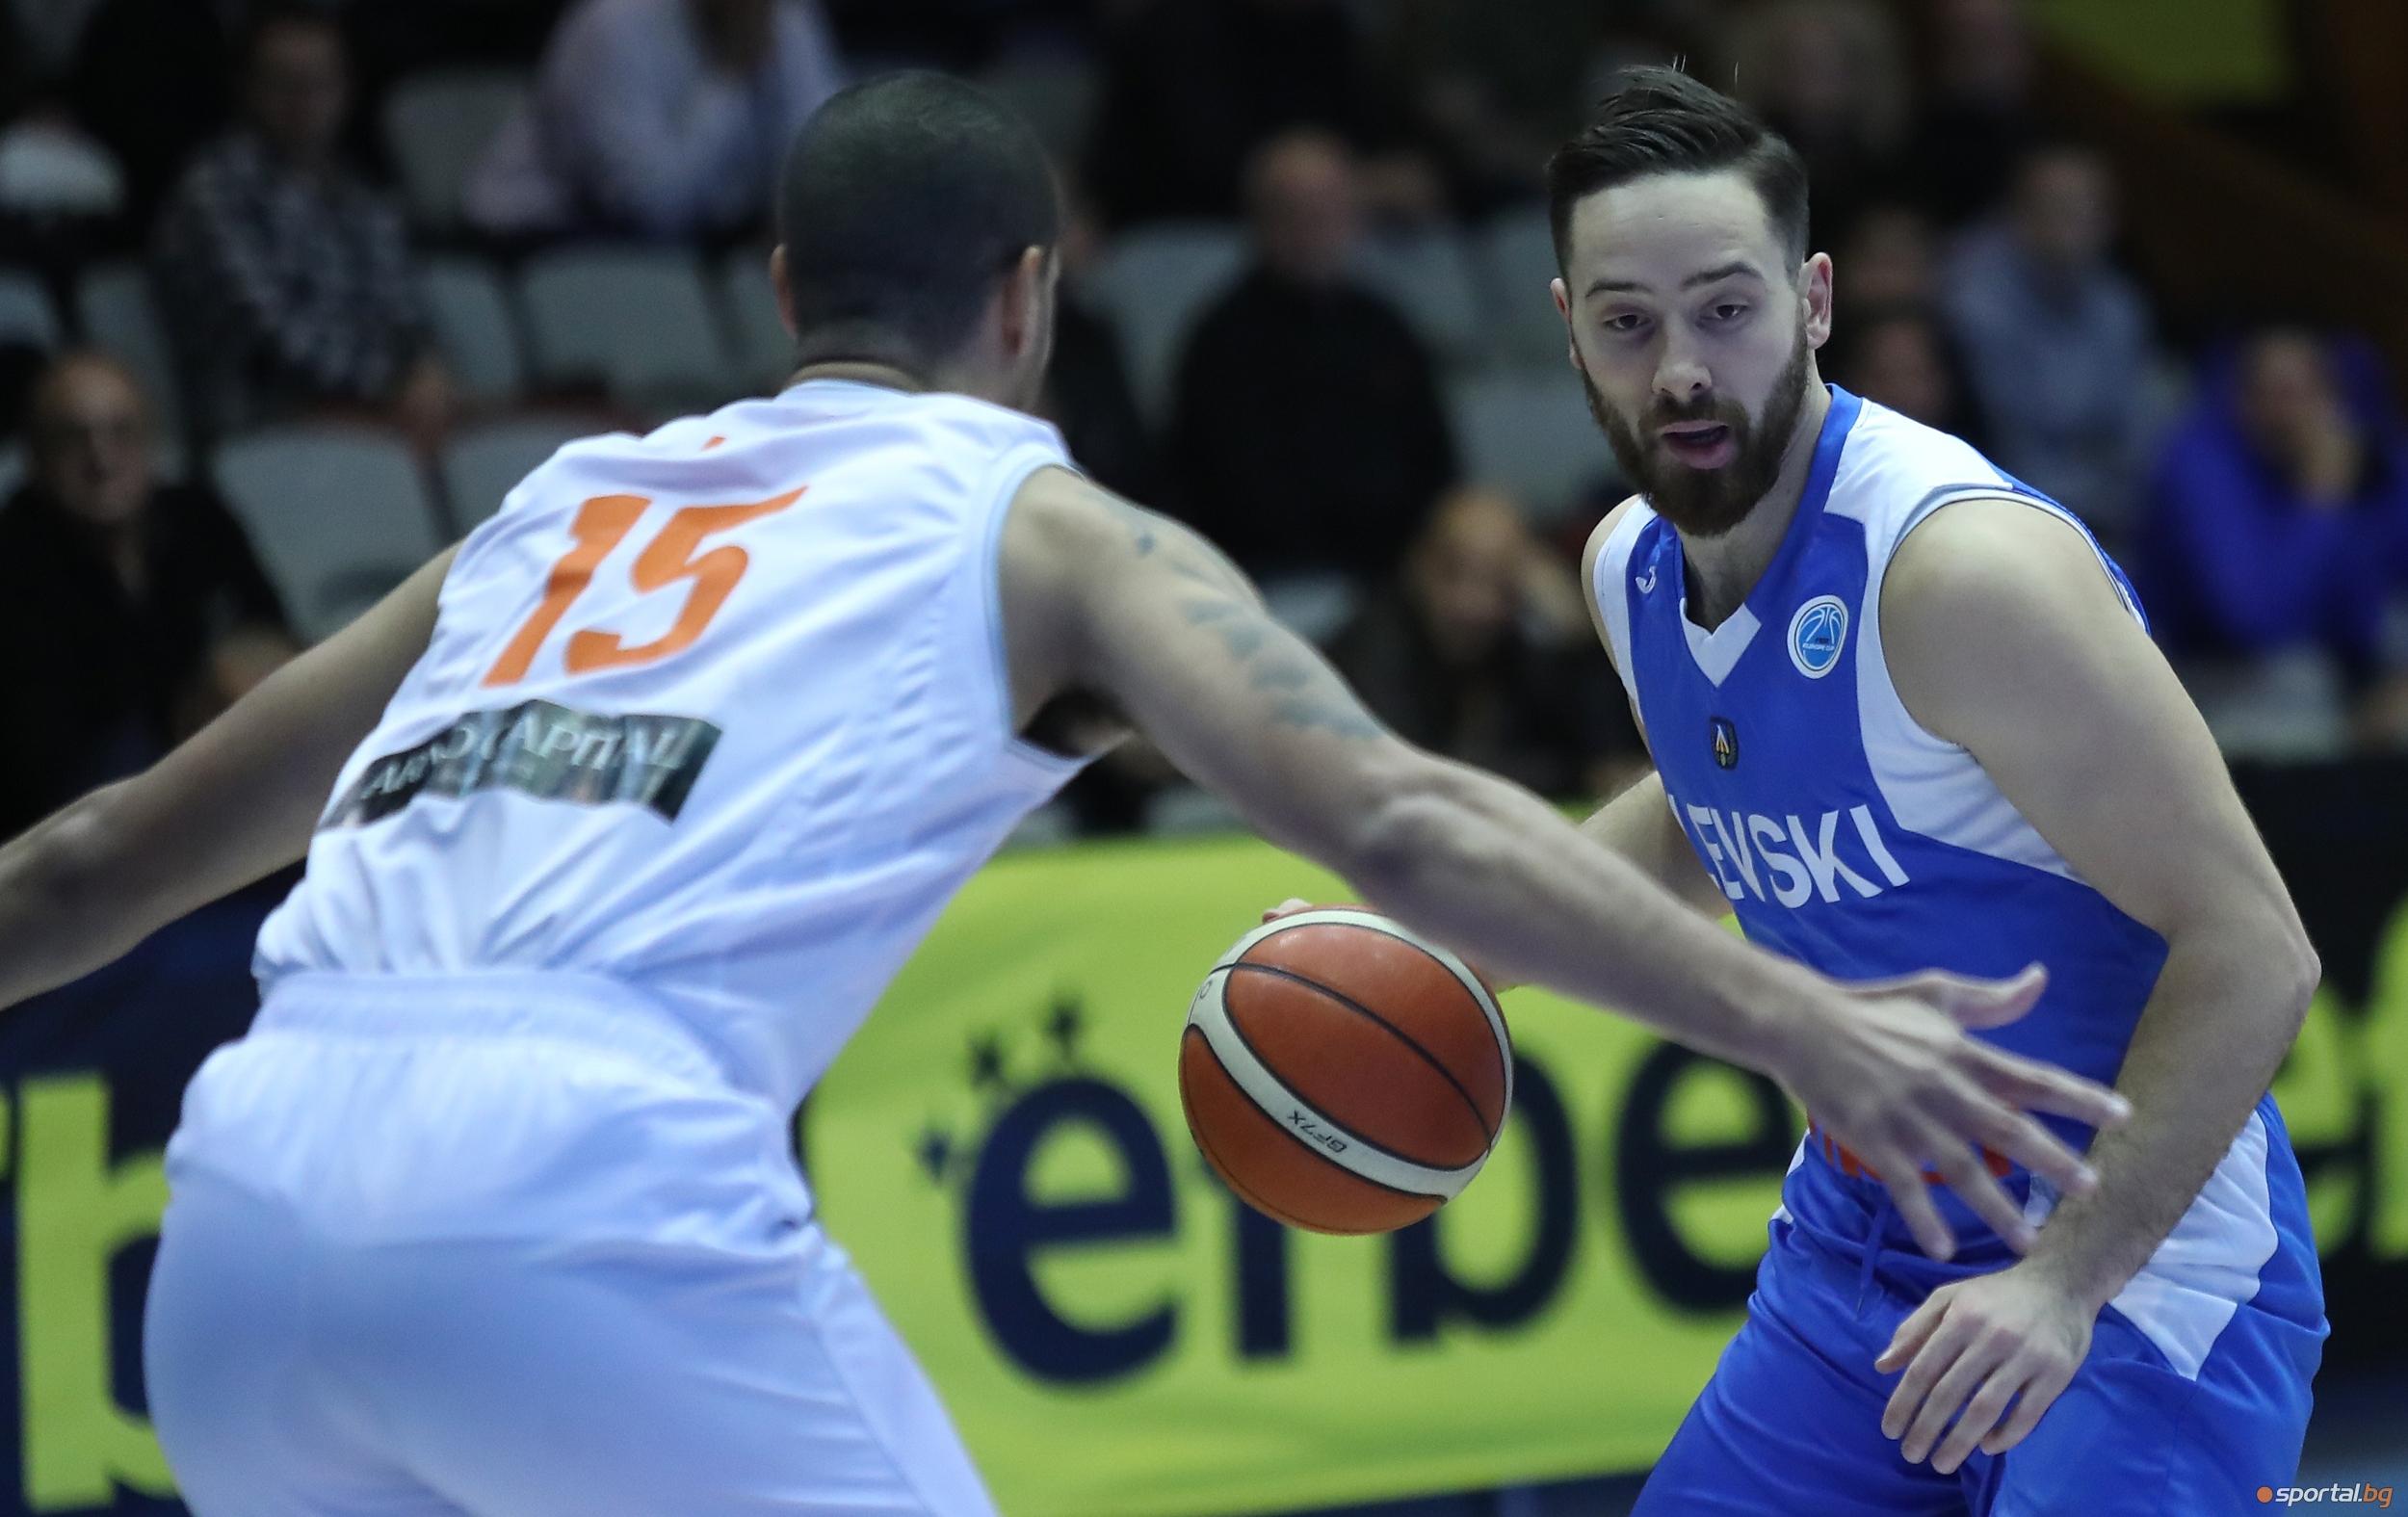 Българският шампион Левски Лукойл допусна четвърта поредна загуба в турнира